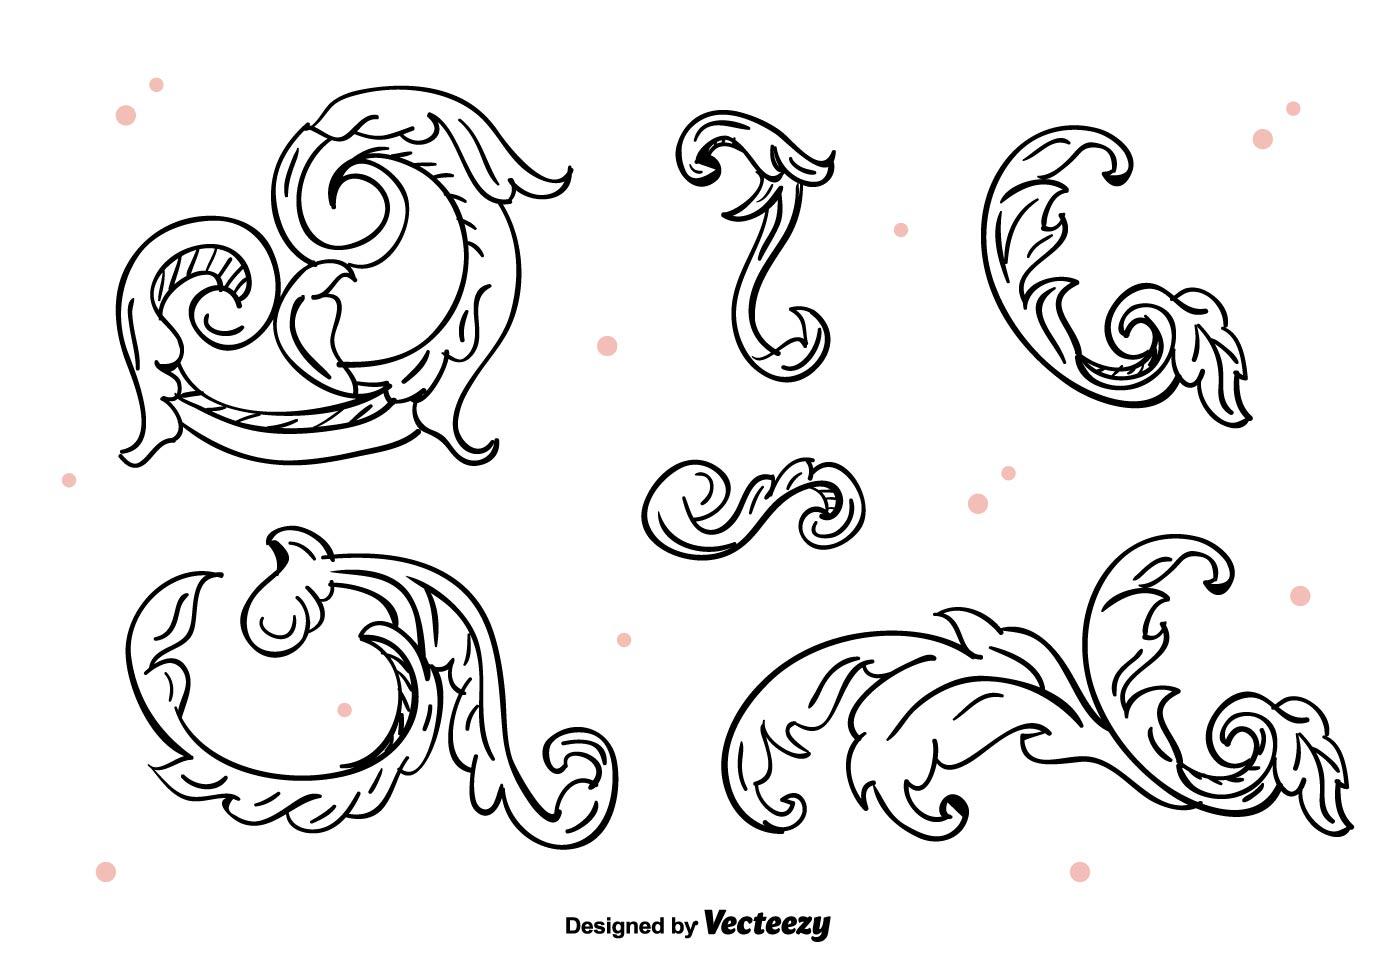 Line Art Flower Vector Free Download : Floral ornaments vector download free art stock